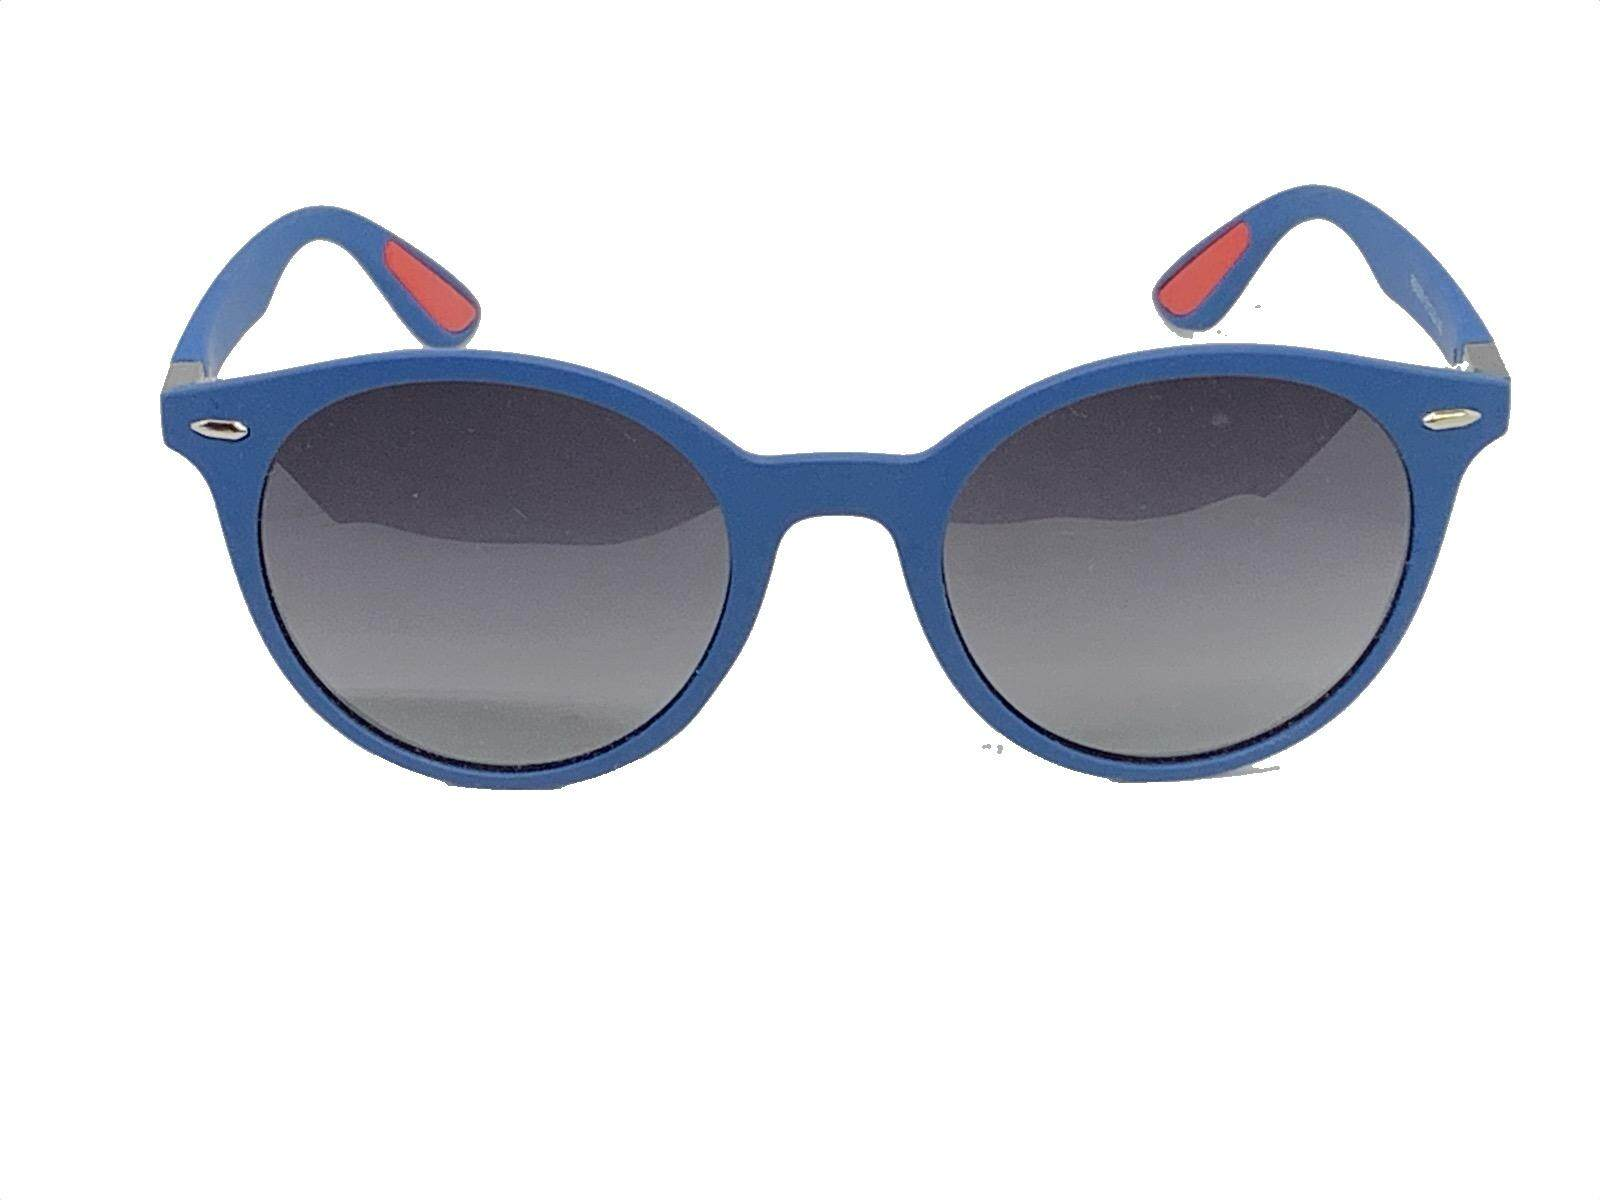 แว่นตากันแดดผู้ชาย แว่นตากันแดดผู้หญิง ใส่แว่นทรงไหนดี แว่นตาราคาไม่แพง แว่นกันแดด แว่นขับรถ C3.